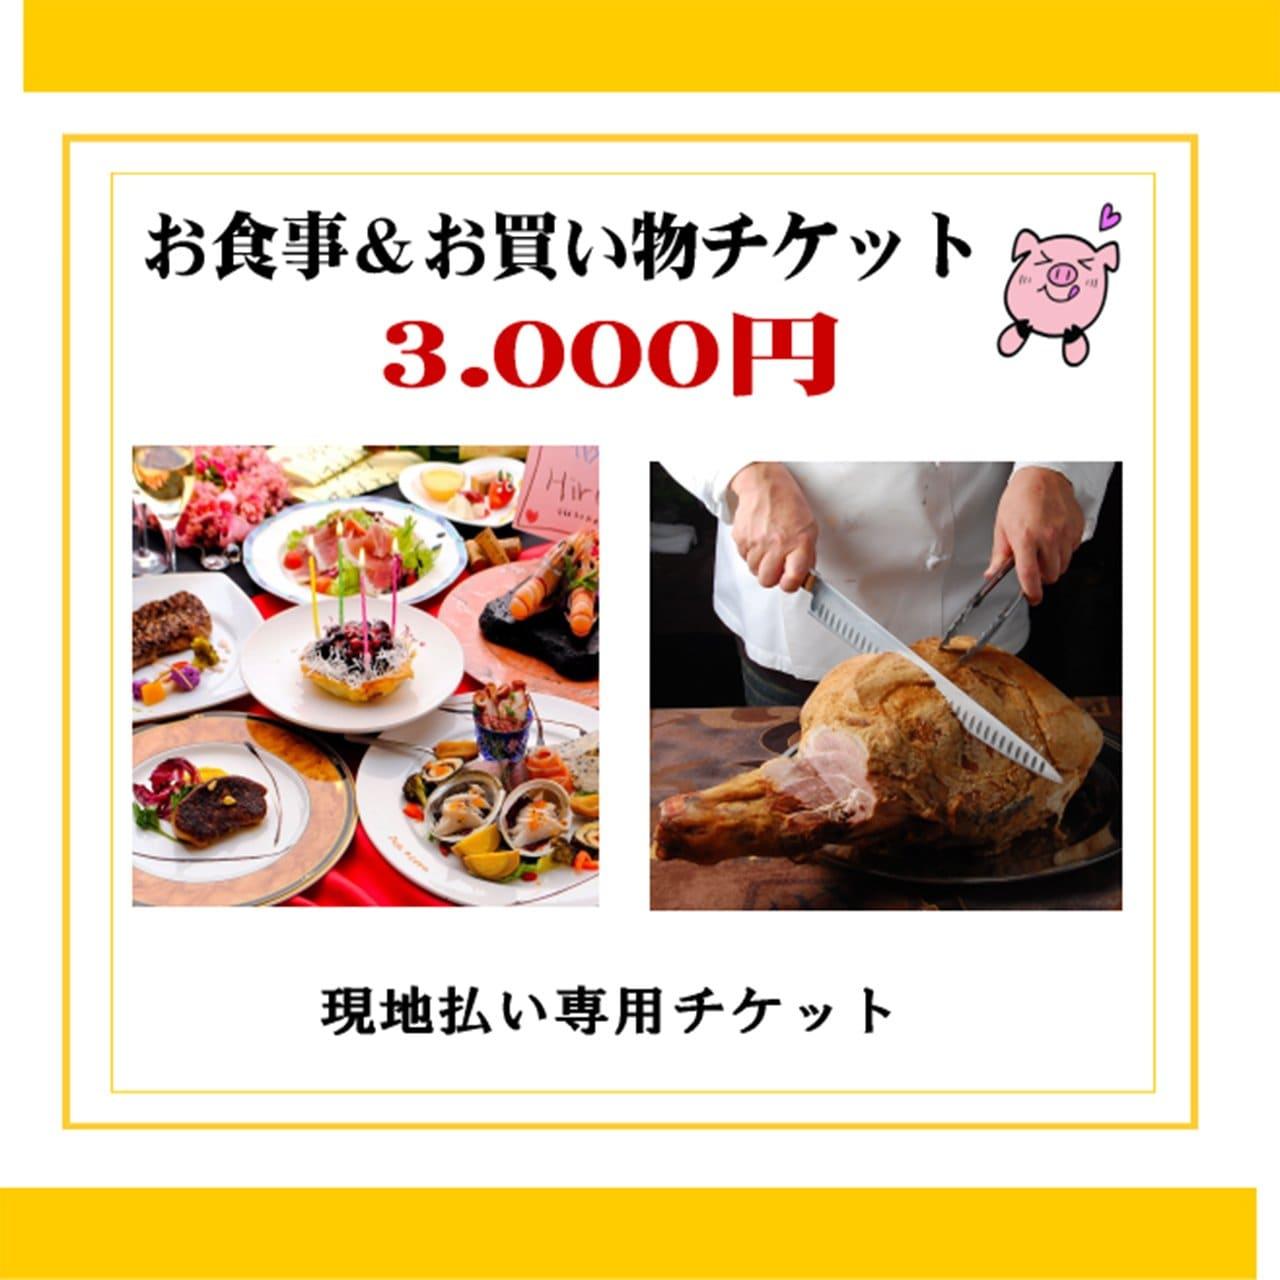 3,000円お食事&お買い物チケット【店頭受け取り限定】のイメージその1